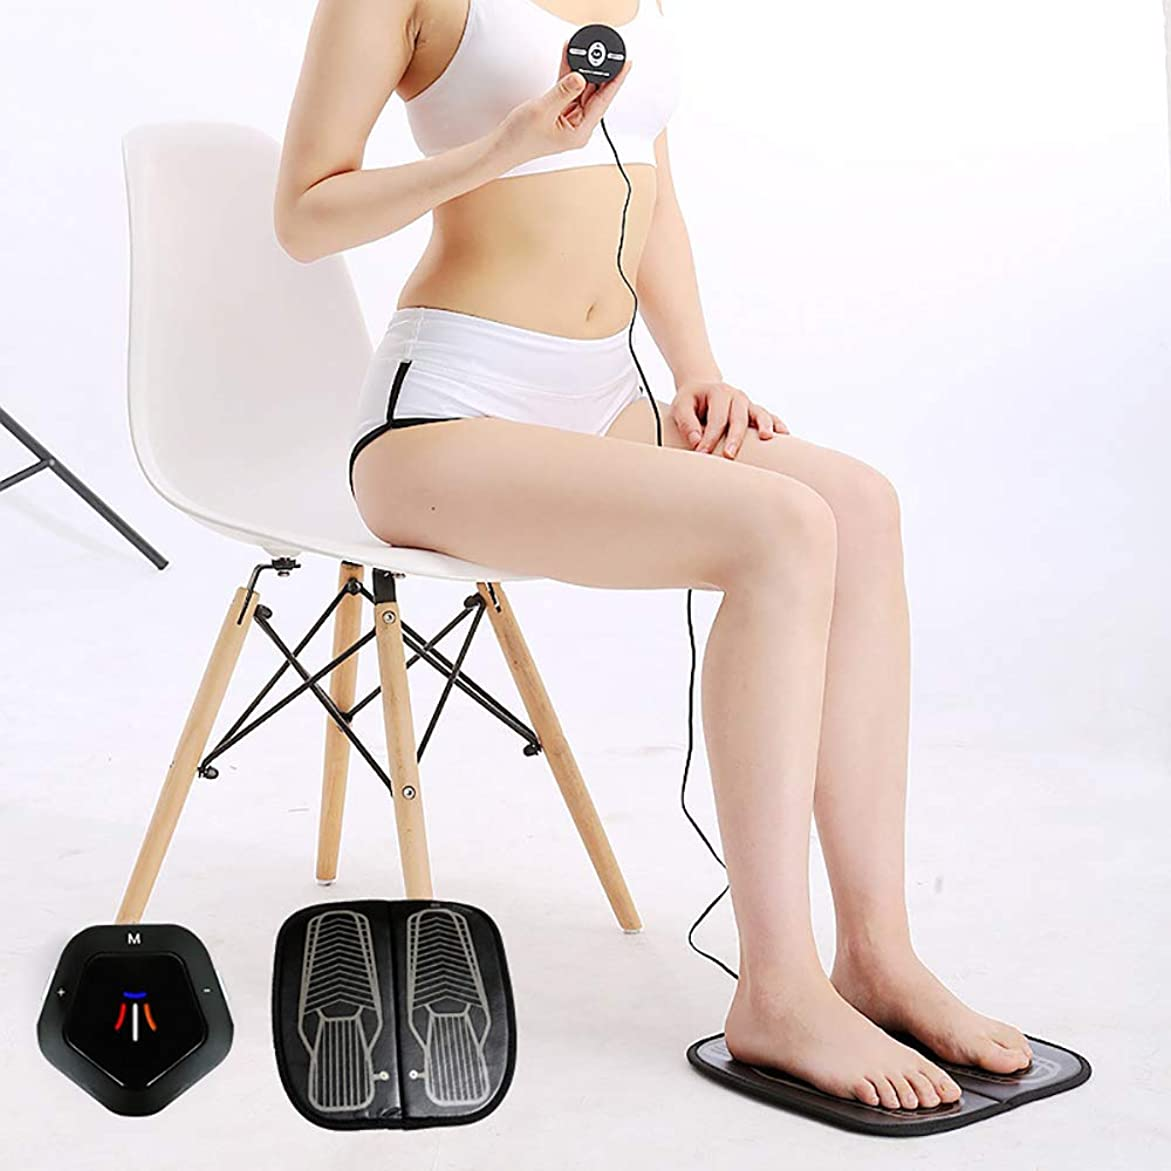 粗い経済反対するEMS理学療法の足のマッサージのクッション、USBの再充電可能な振動の足のペディキュア機械はフィートの苦痛を取り除きます血循環を改善します